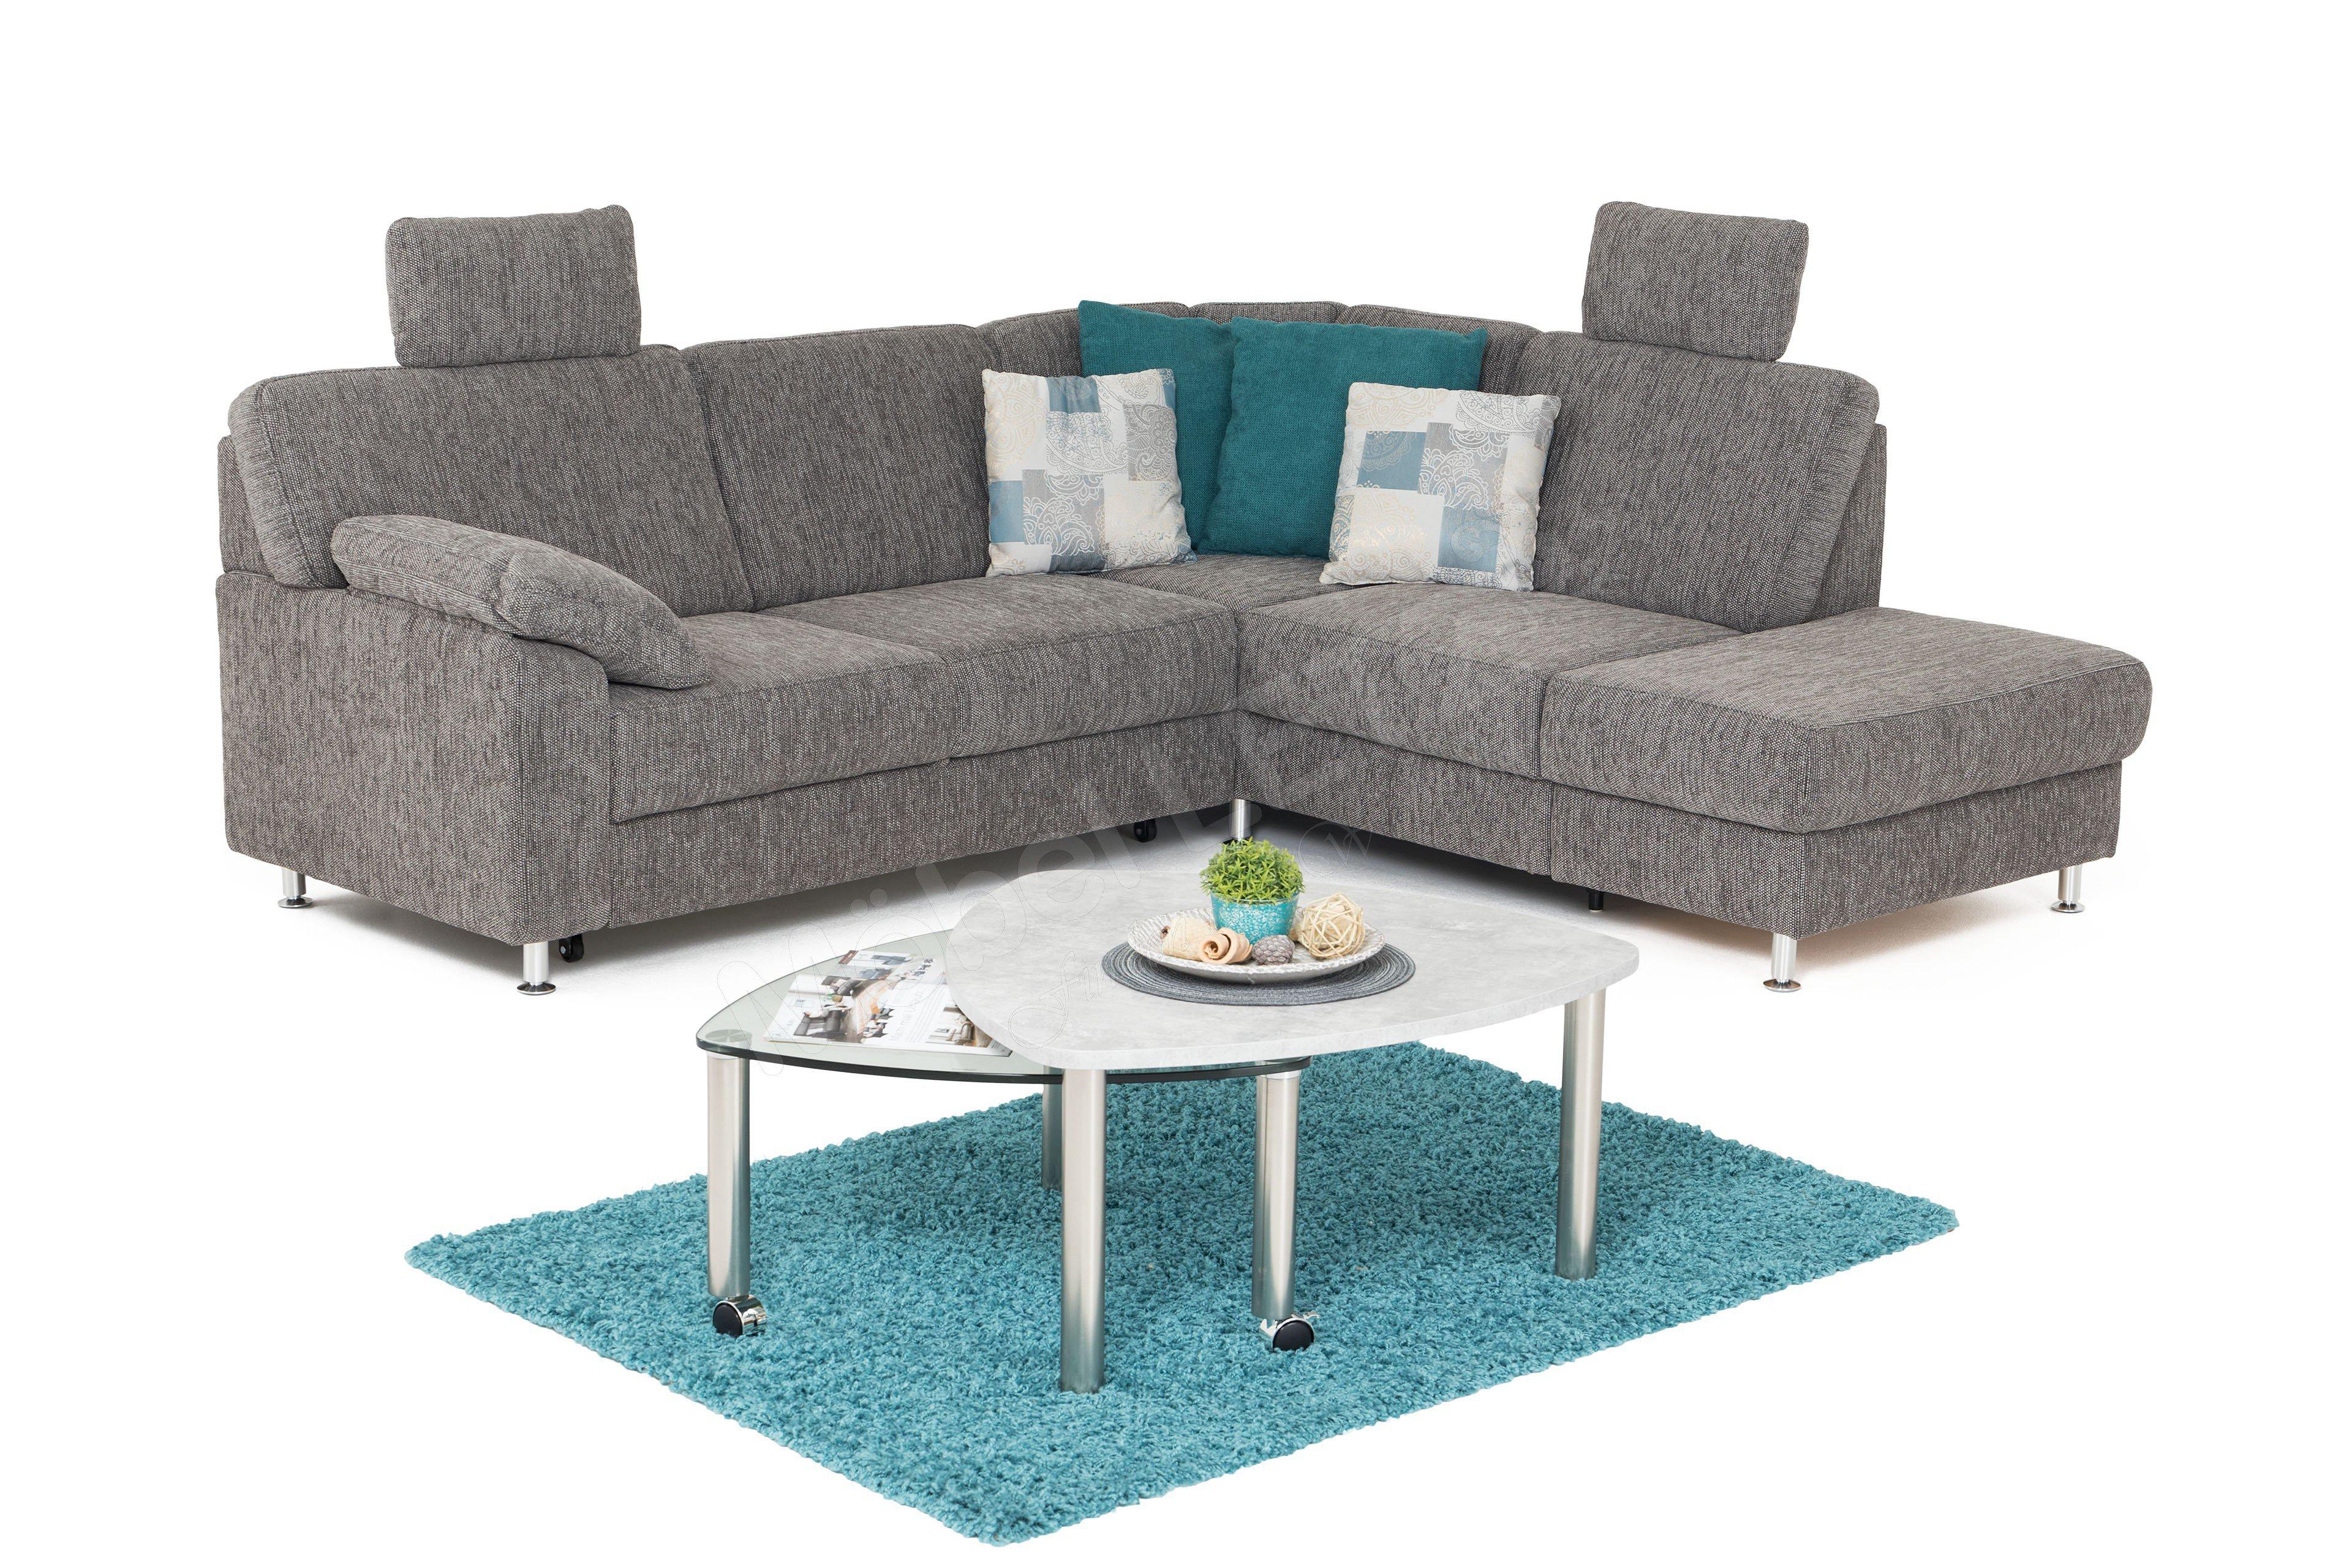 sit more home basic belfort eckgarnitur taupe m bel letz ihr online shop. Black Bedroom Furniture Sets. Home Design Ideas